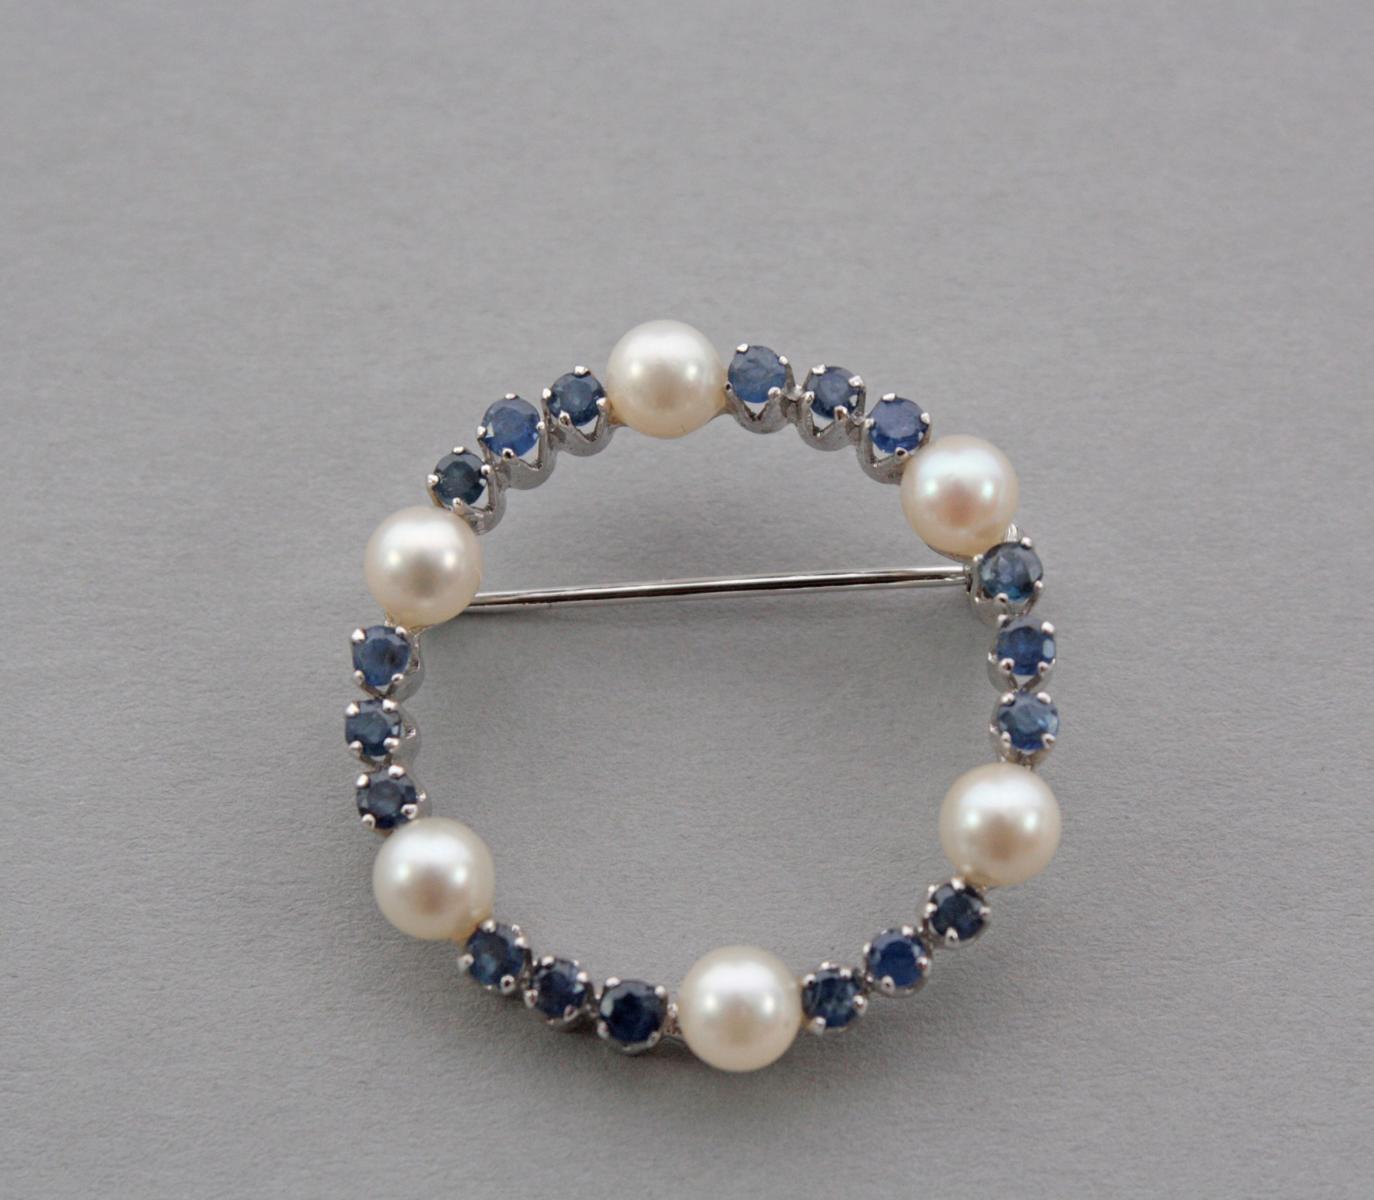 Brosche mit Saphiren und Perlen, 18 Karat Weißgold